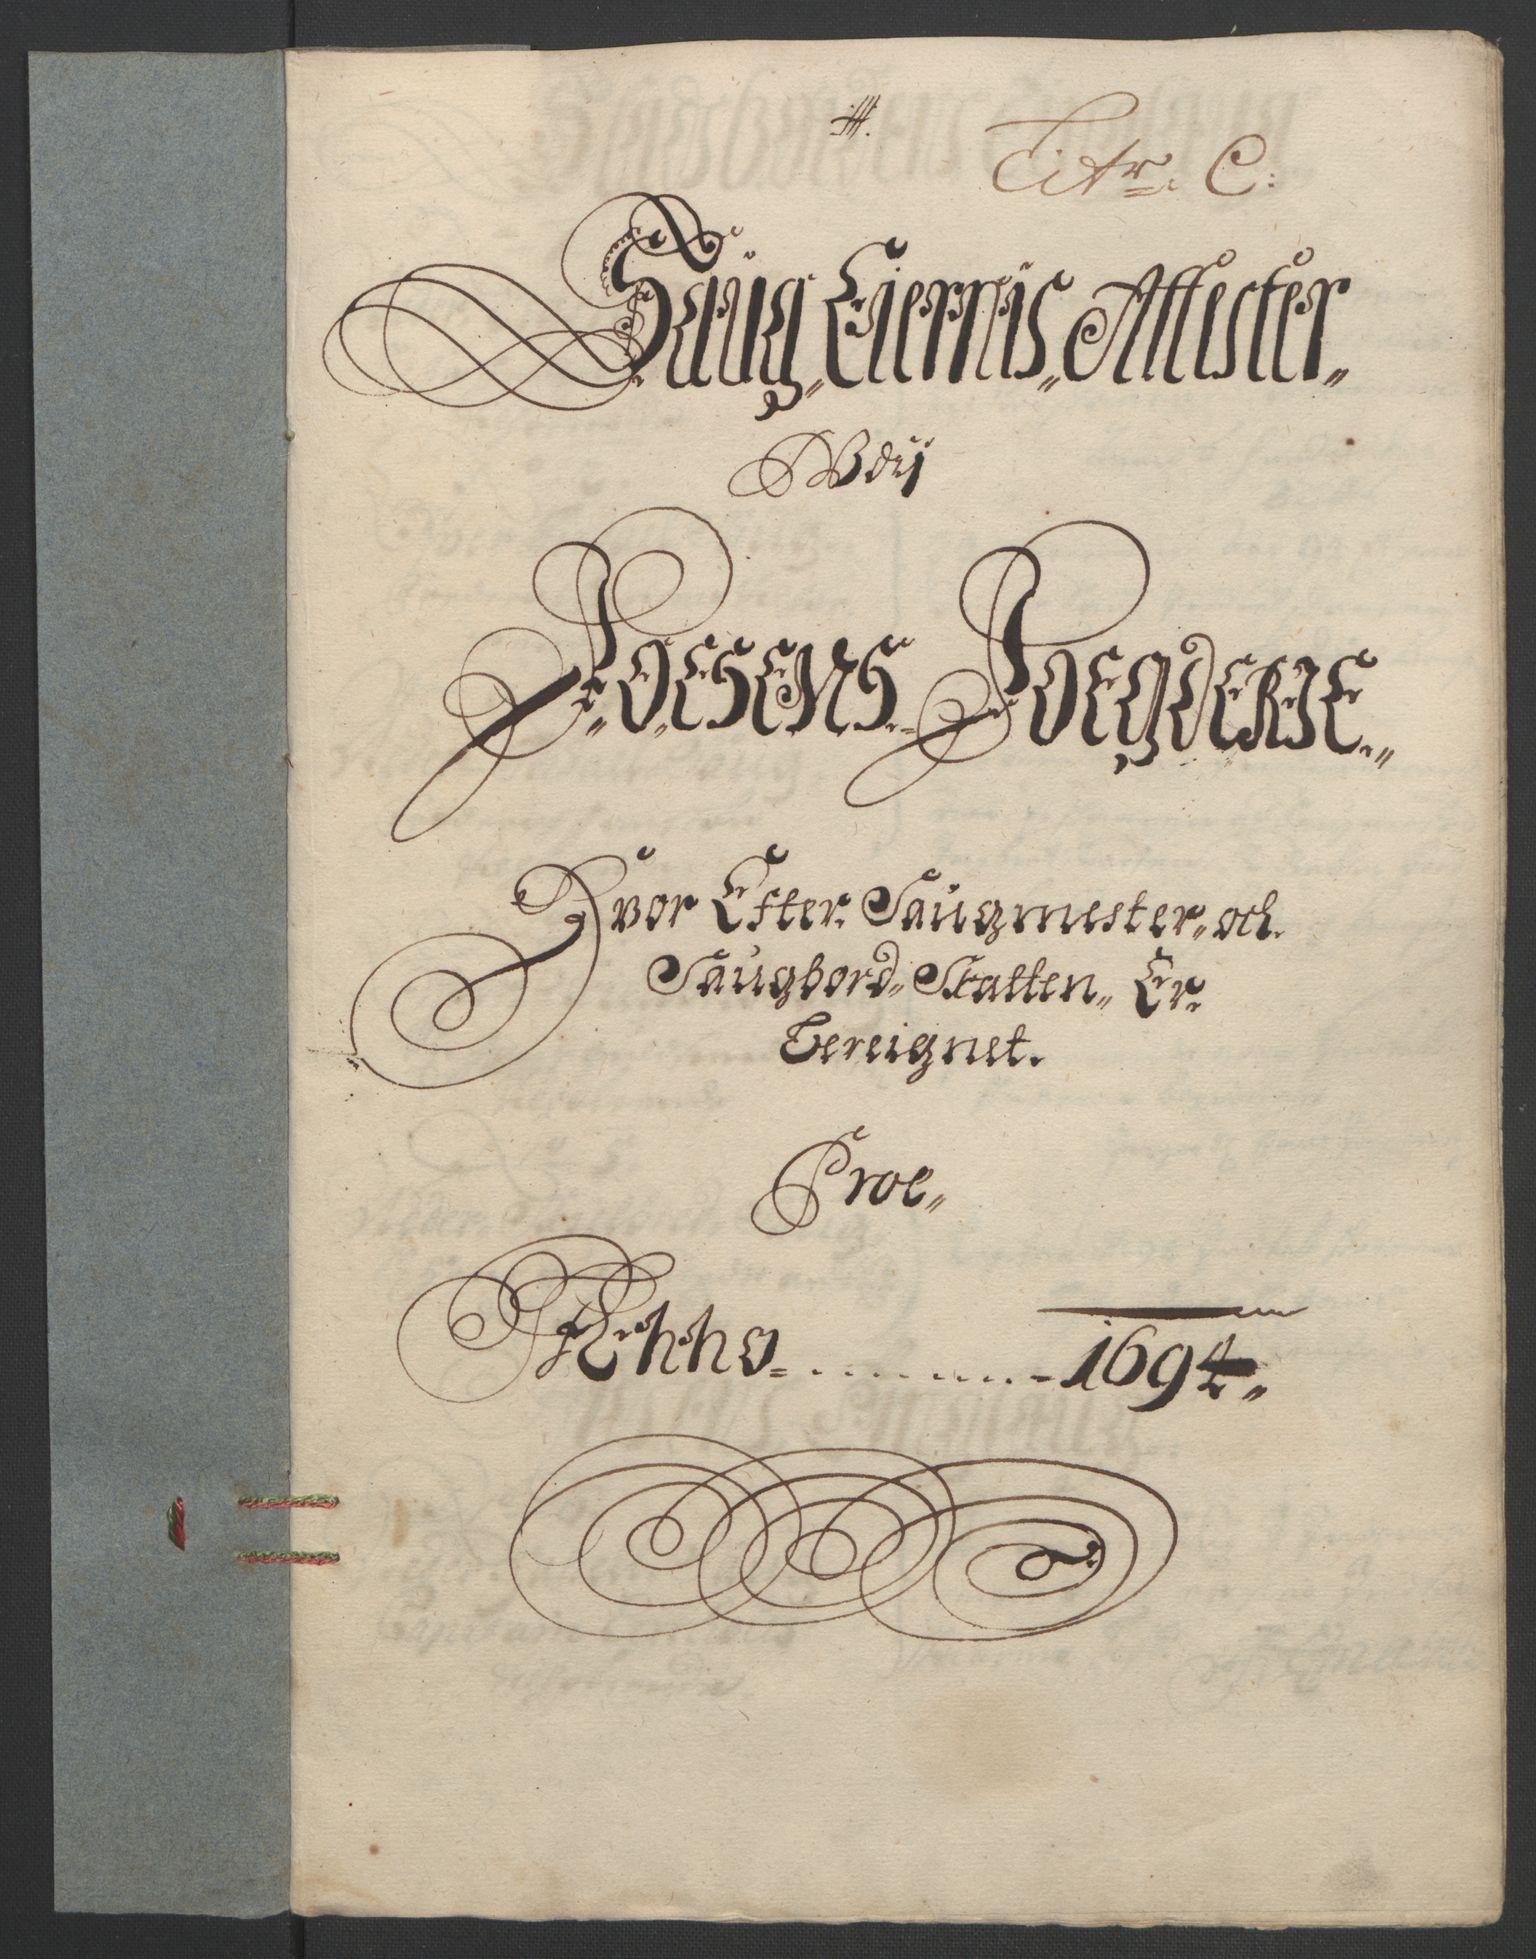 RA, Rentekammeret inntil 1814, Reviderte regnskaper, Fogderegnskap, R57/L3850: Fogderegnskap Fosen, 1694, s. 78